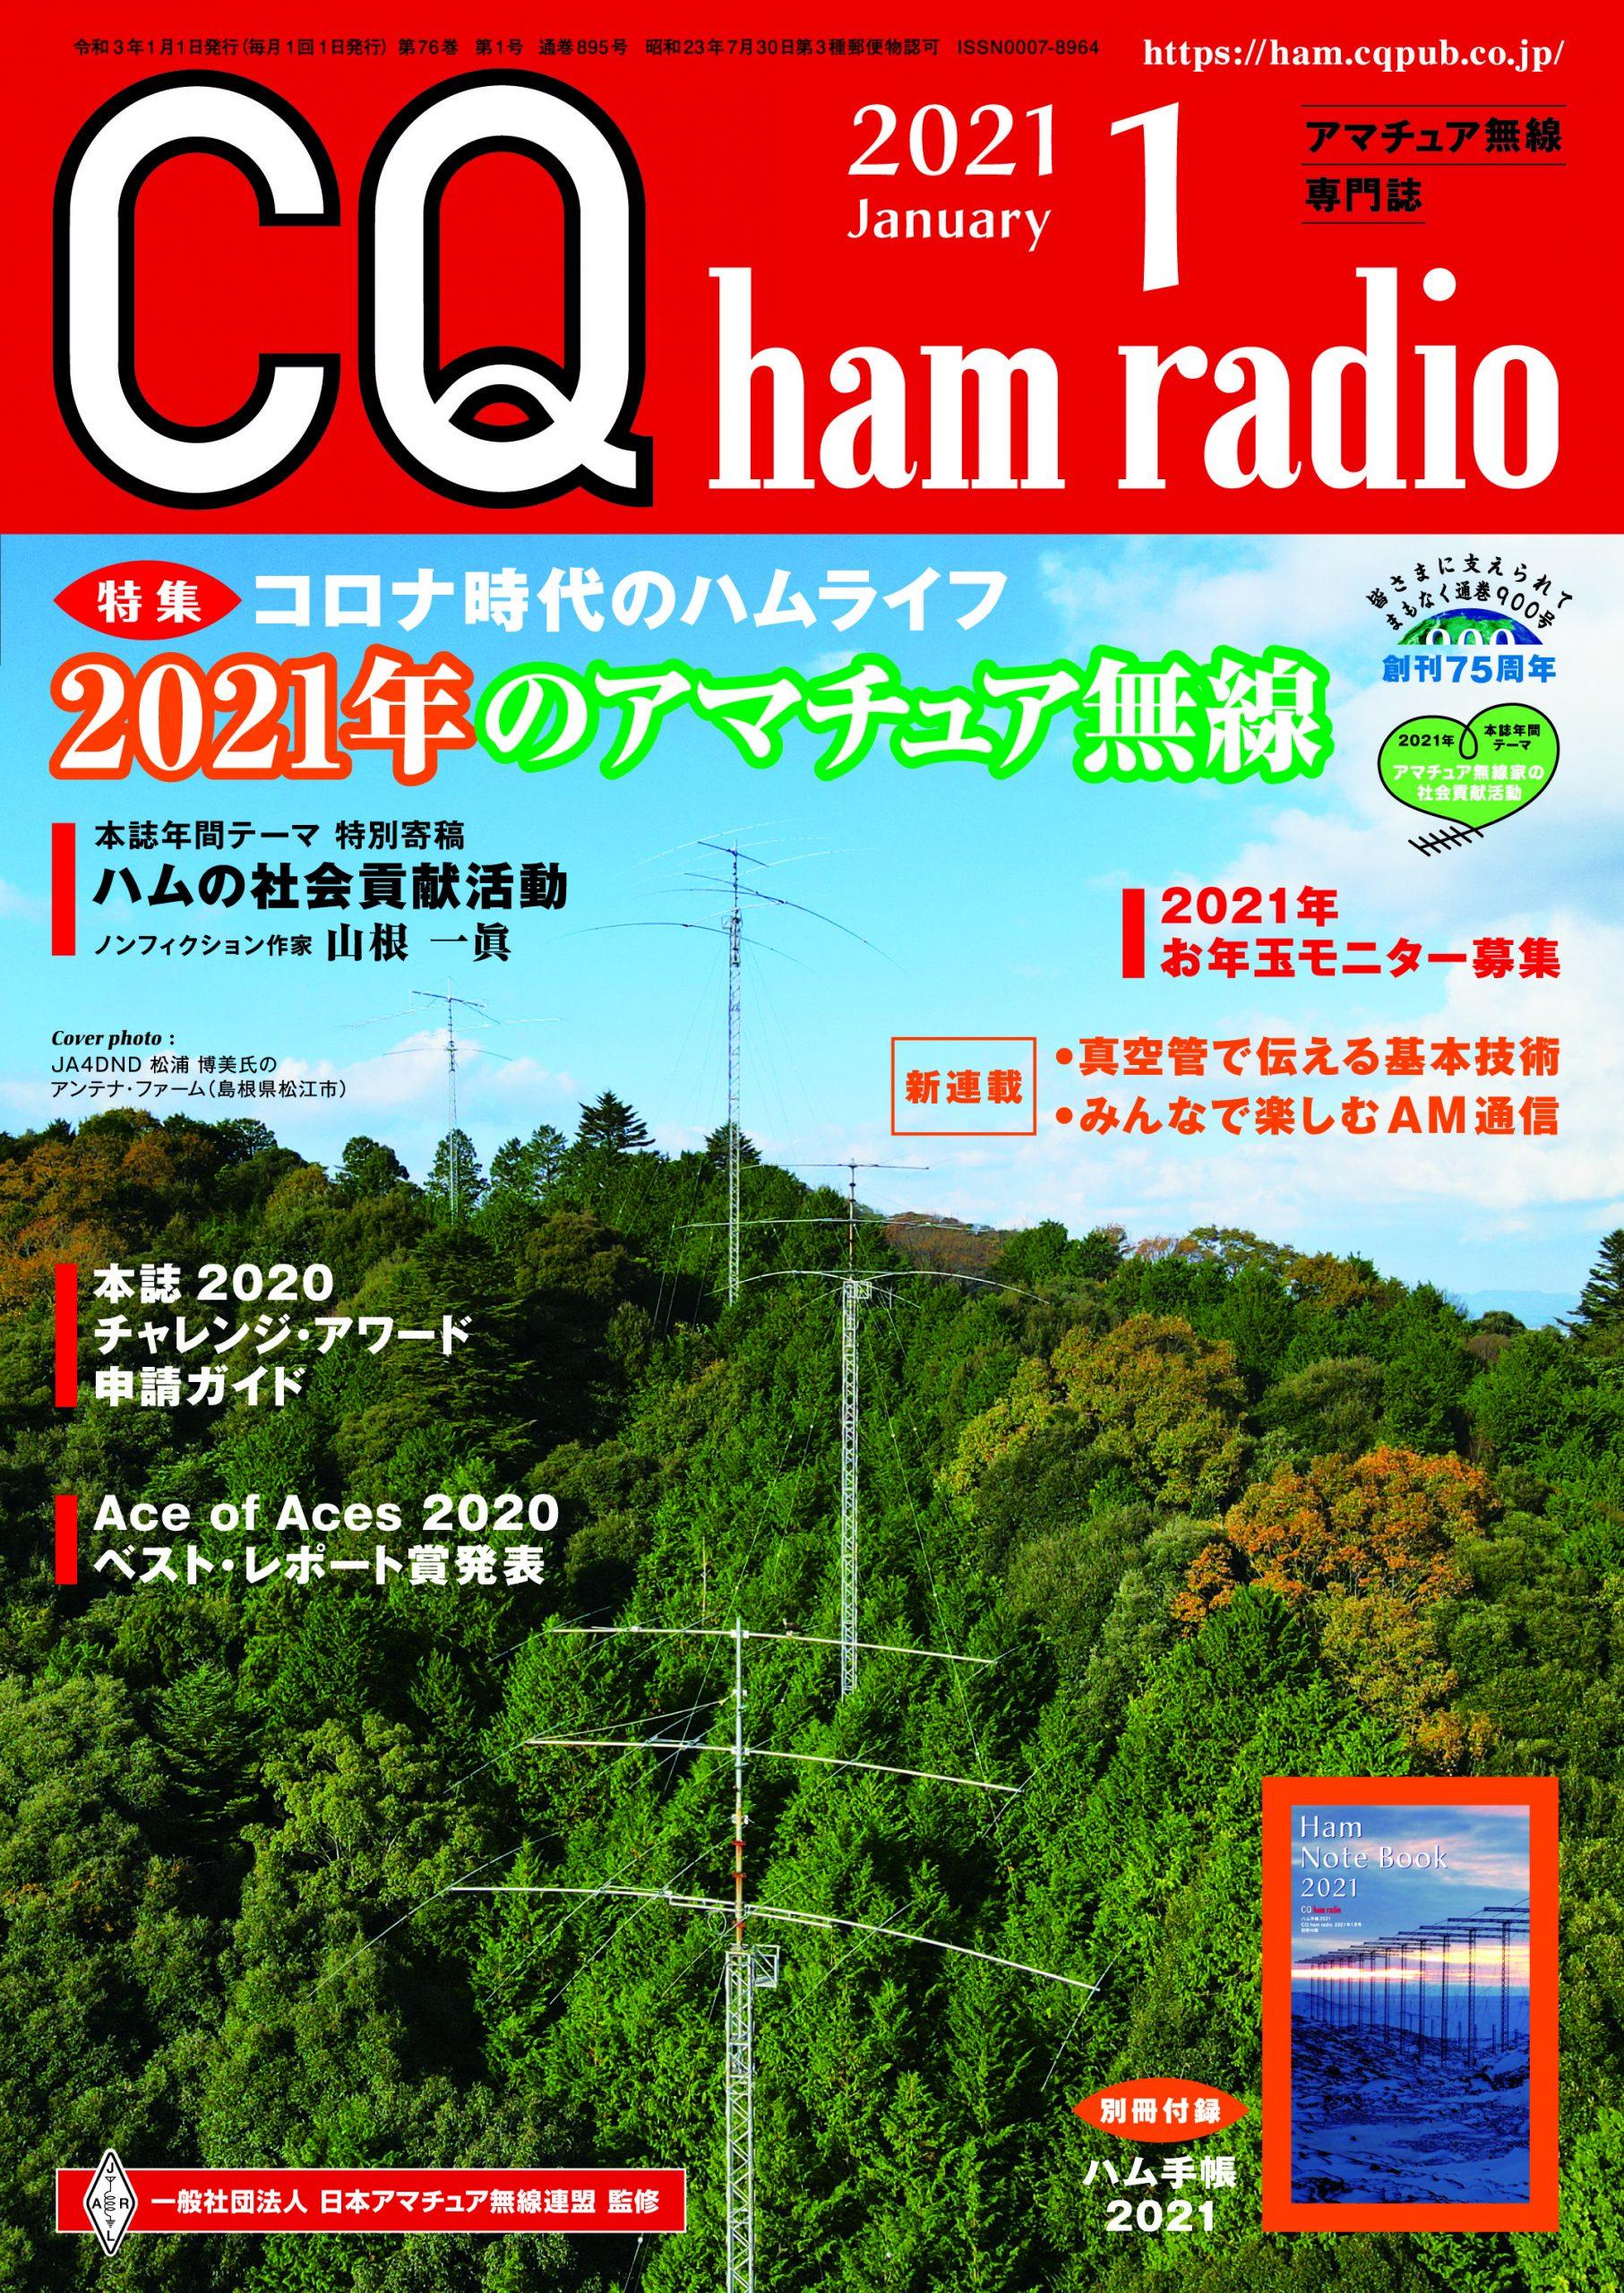 CQ ham radio 2021年 1月号